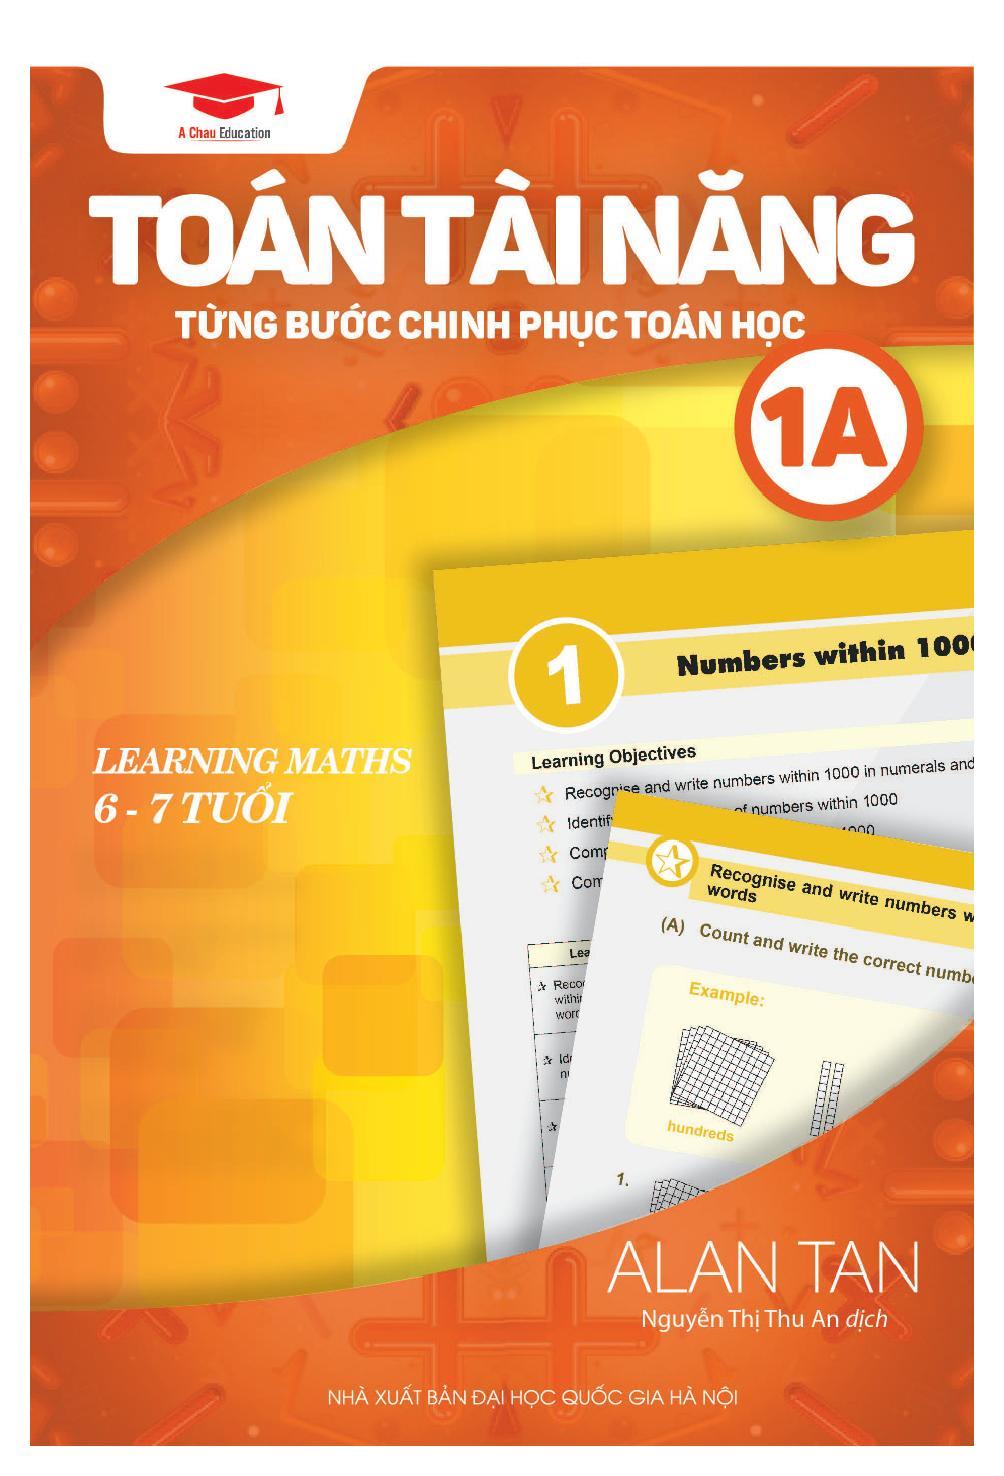 Toán Học Singapore - Toán Tài Năng - Từng Bước Chinh Phục Toán Học - Tập 1A - EBOOK/PDF/PRC/EPUB